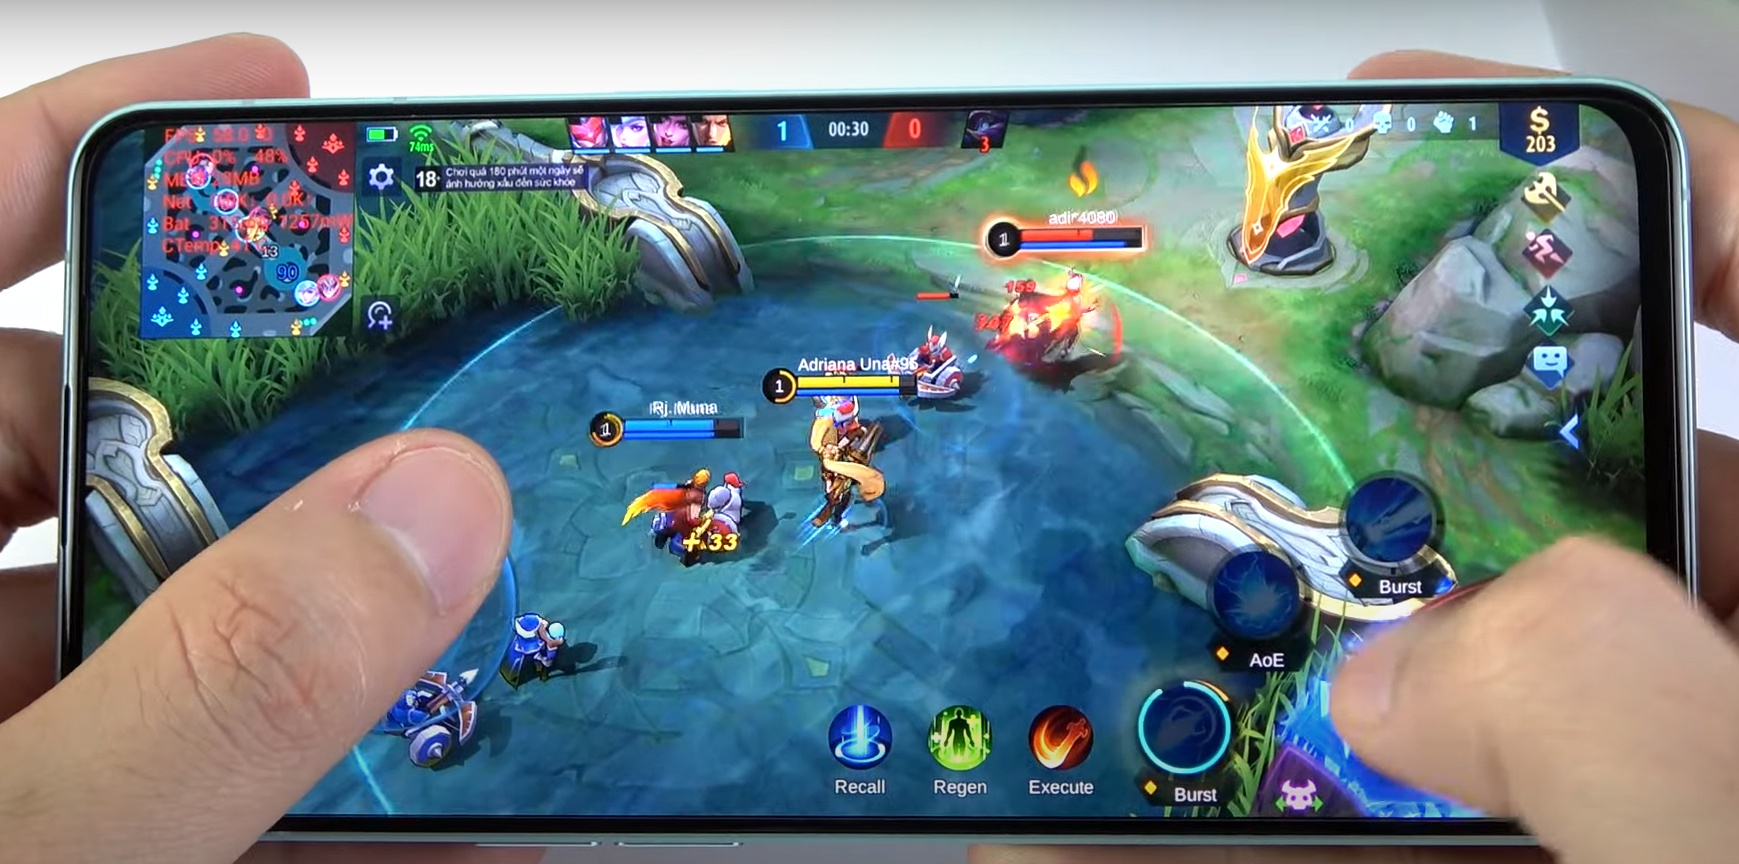 Khám phá mẫu smartphone Reno6 – điện thoại 5G giá tốt cho game thủ